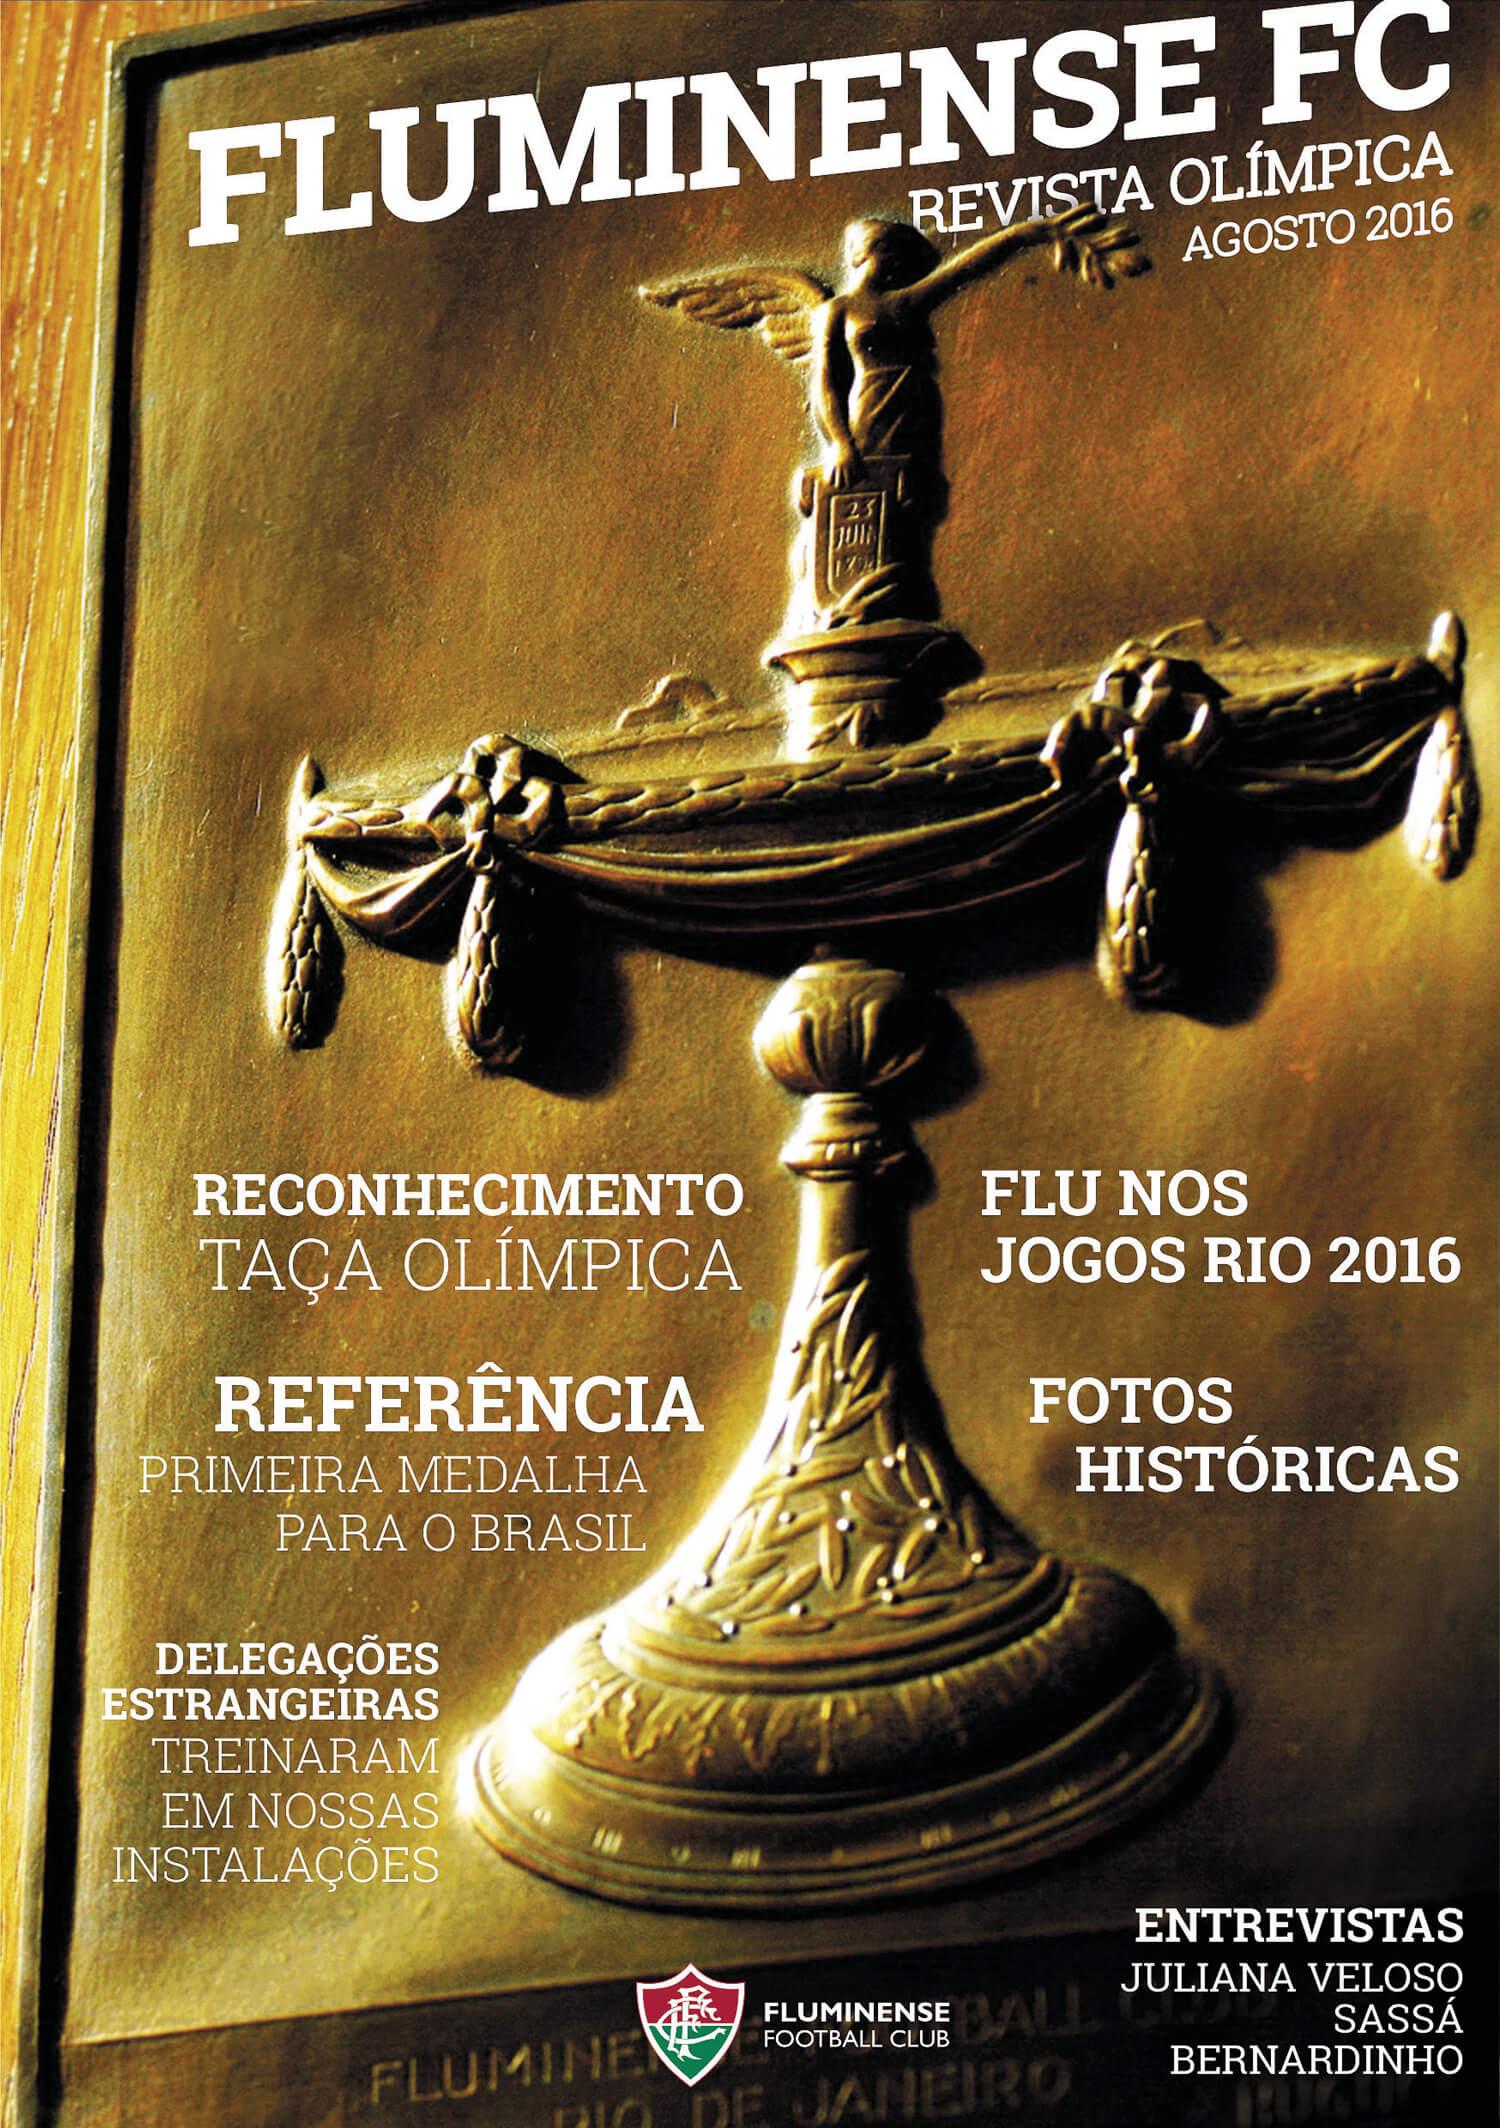 Revista Olimpica - Parte 2